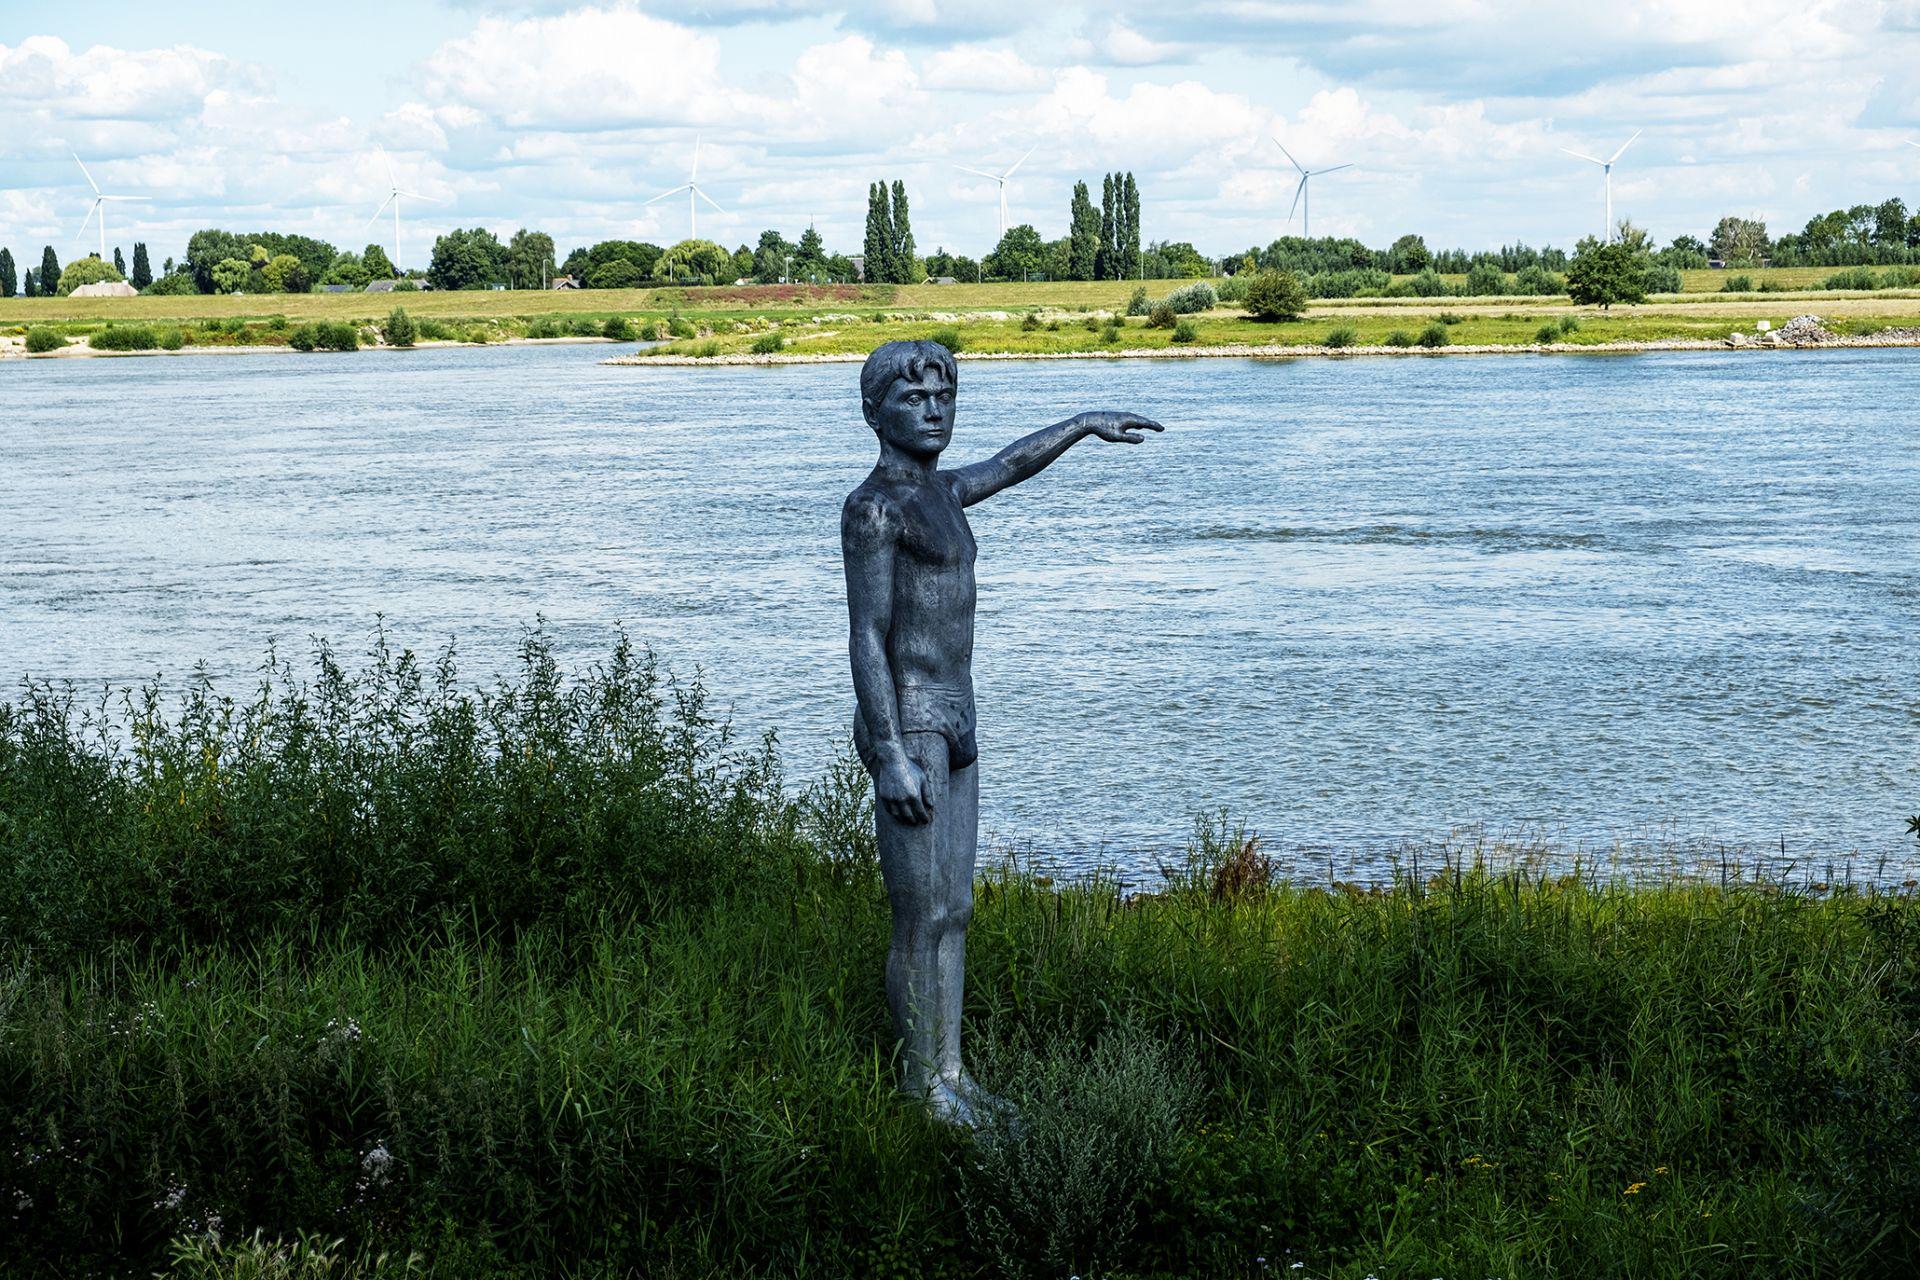 Langs de rivier de Waal staat een waterhoogtebeeld van ongeveer 4 meter hoog. Dit beeld is gemaakt door kunstenaar Marcel Smink.